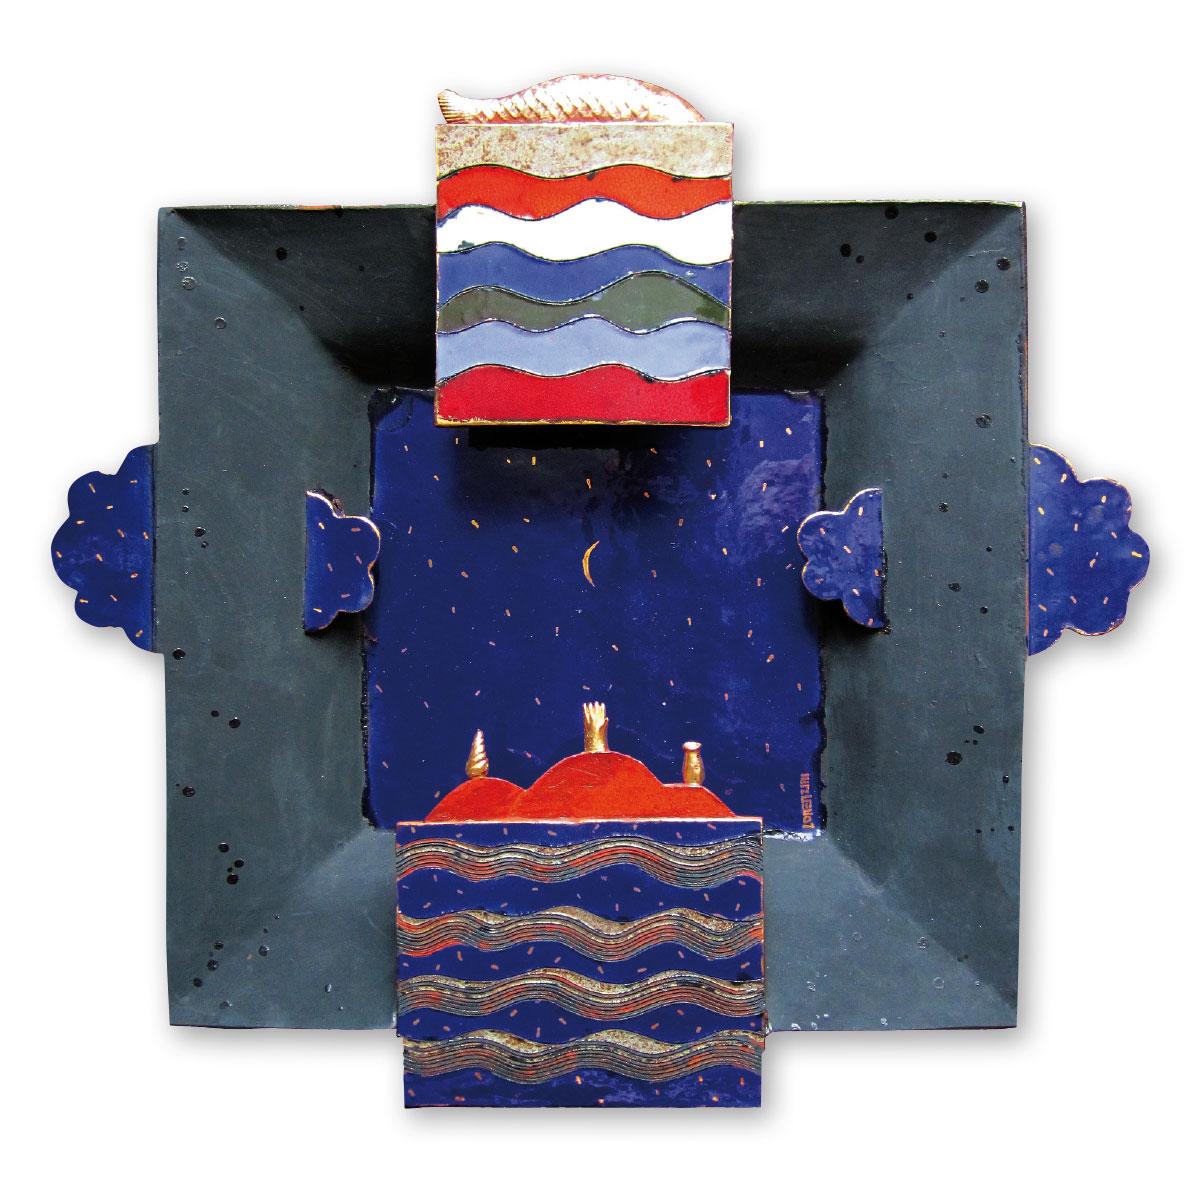 L'opera dell'artista Sandro Lorenzini acquisita dal Museo a cielo aperto di Denice, dedicato alla ceramica contemporanea